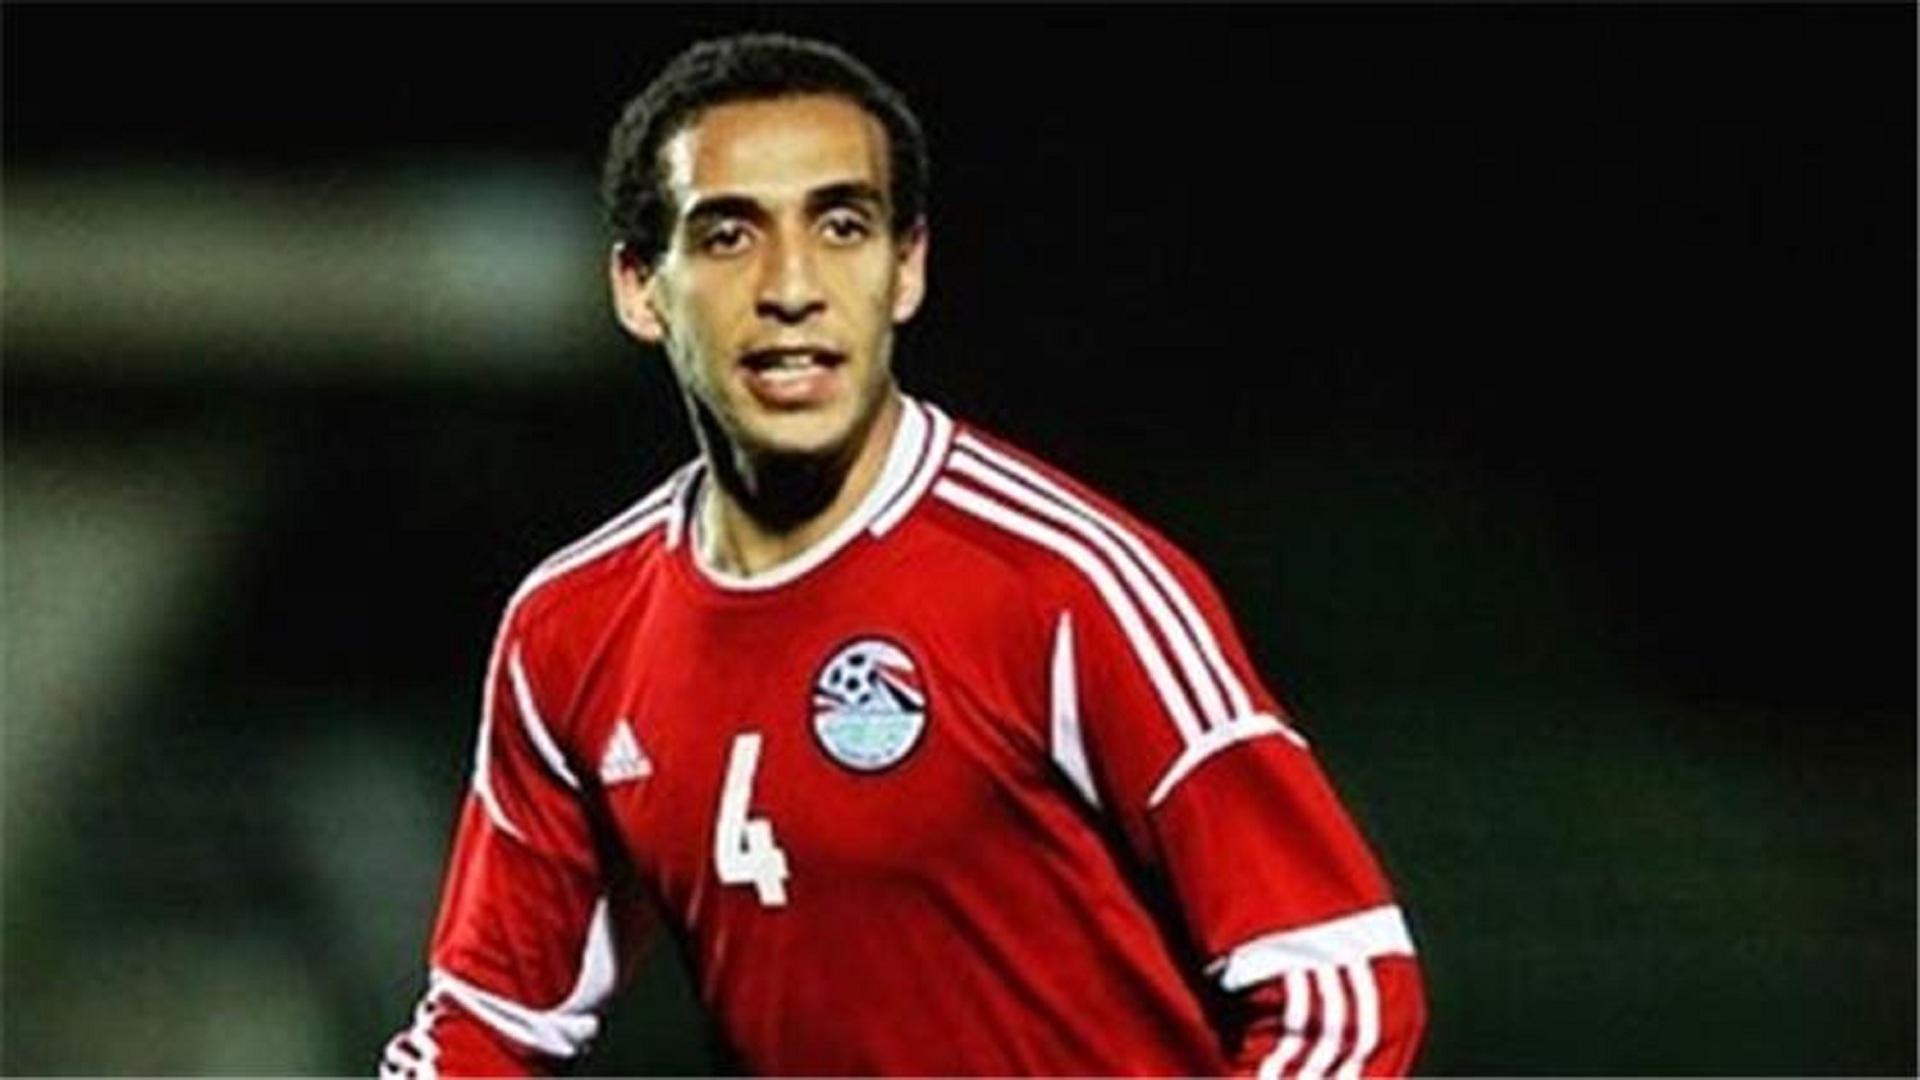 Hisham mohamed Al ahly